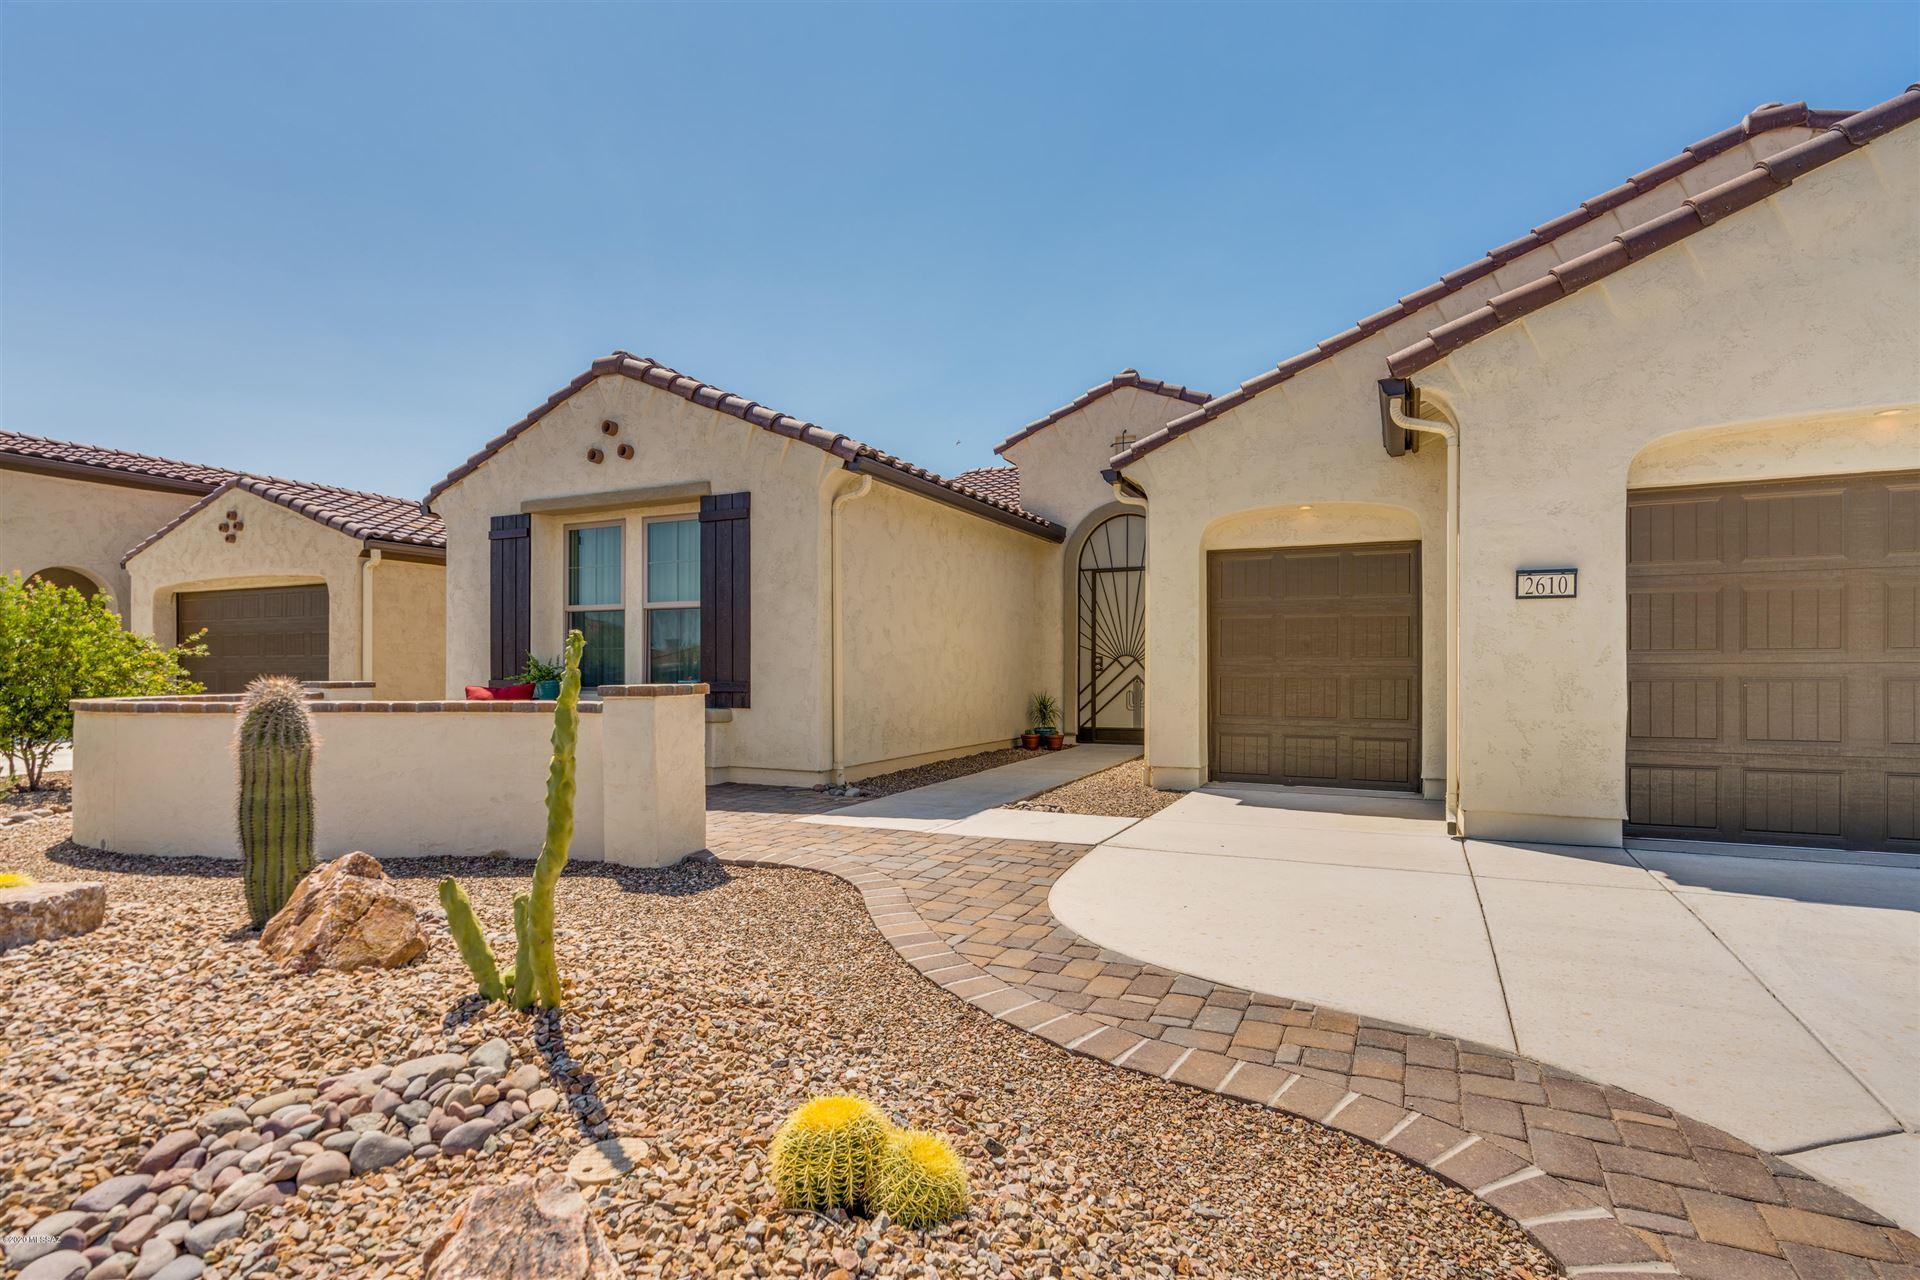 2610 E Keyes Court, Green Valley, AZ 85614 - #: 22021832